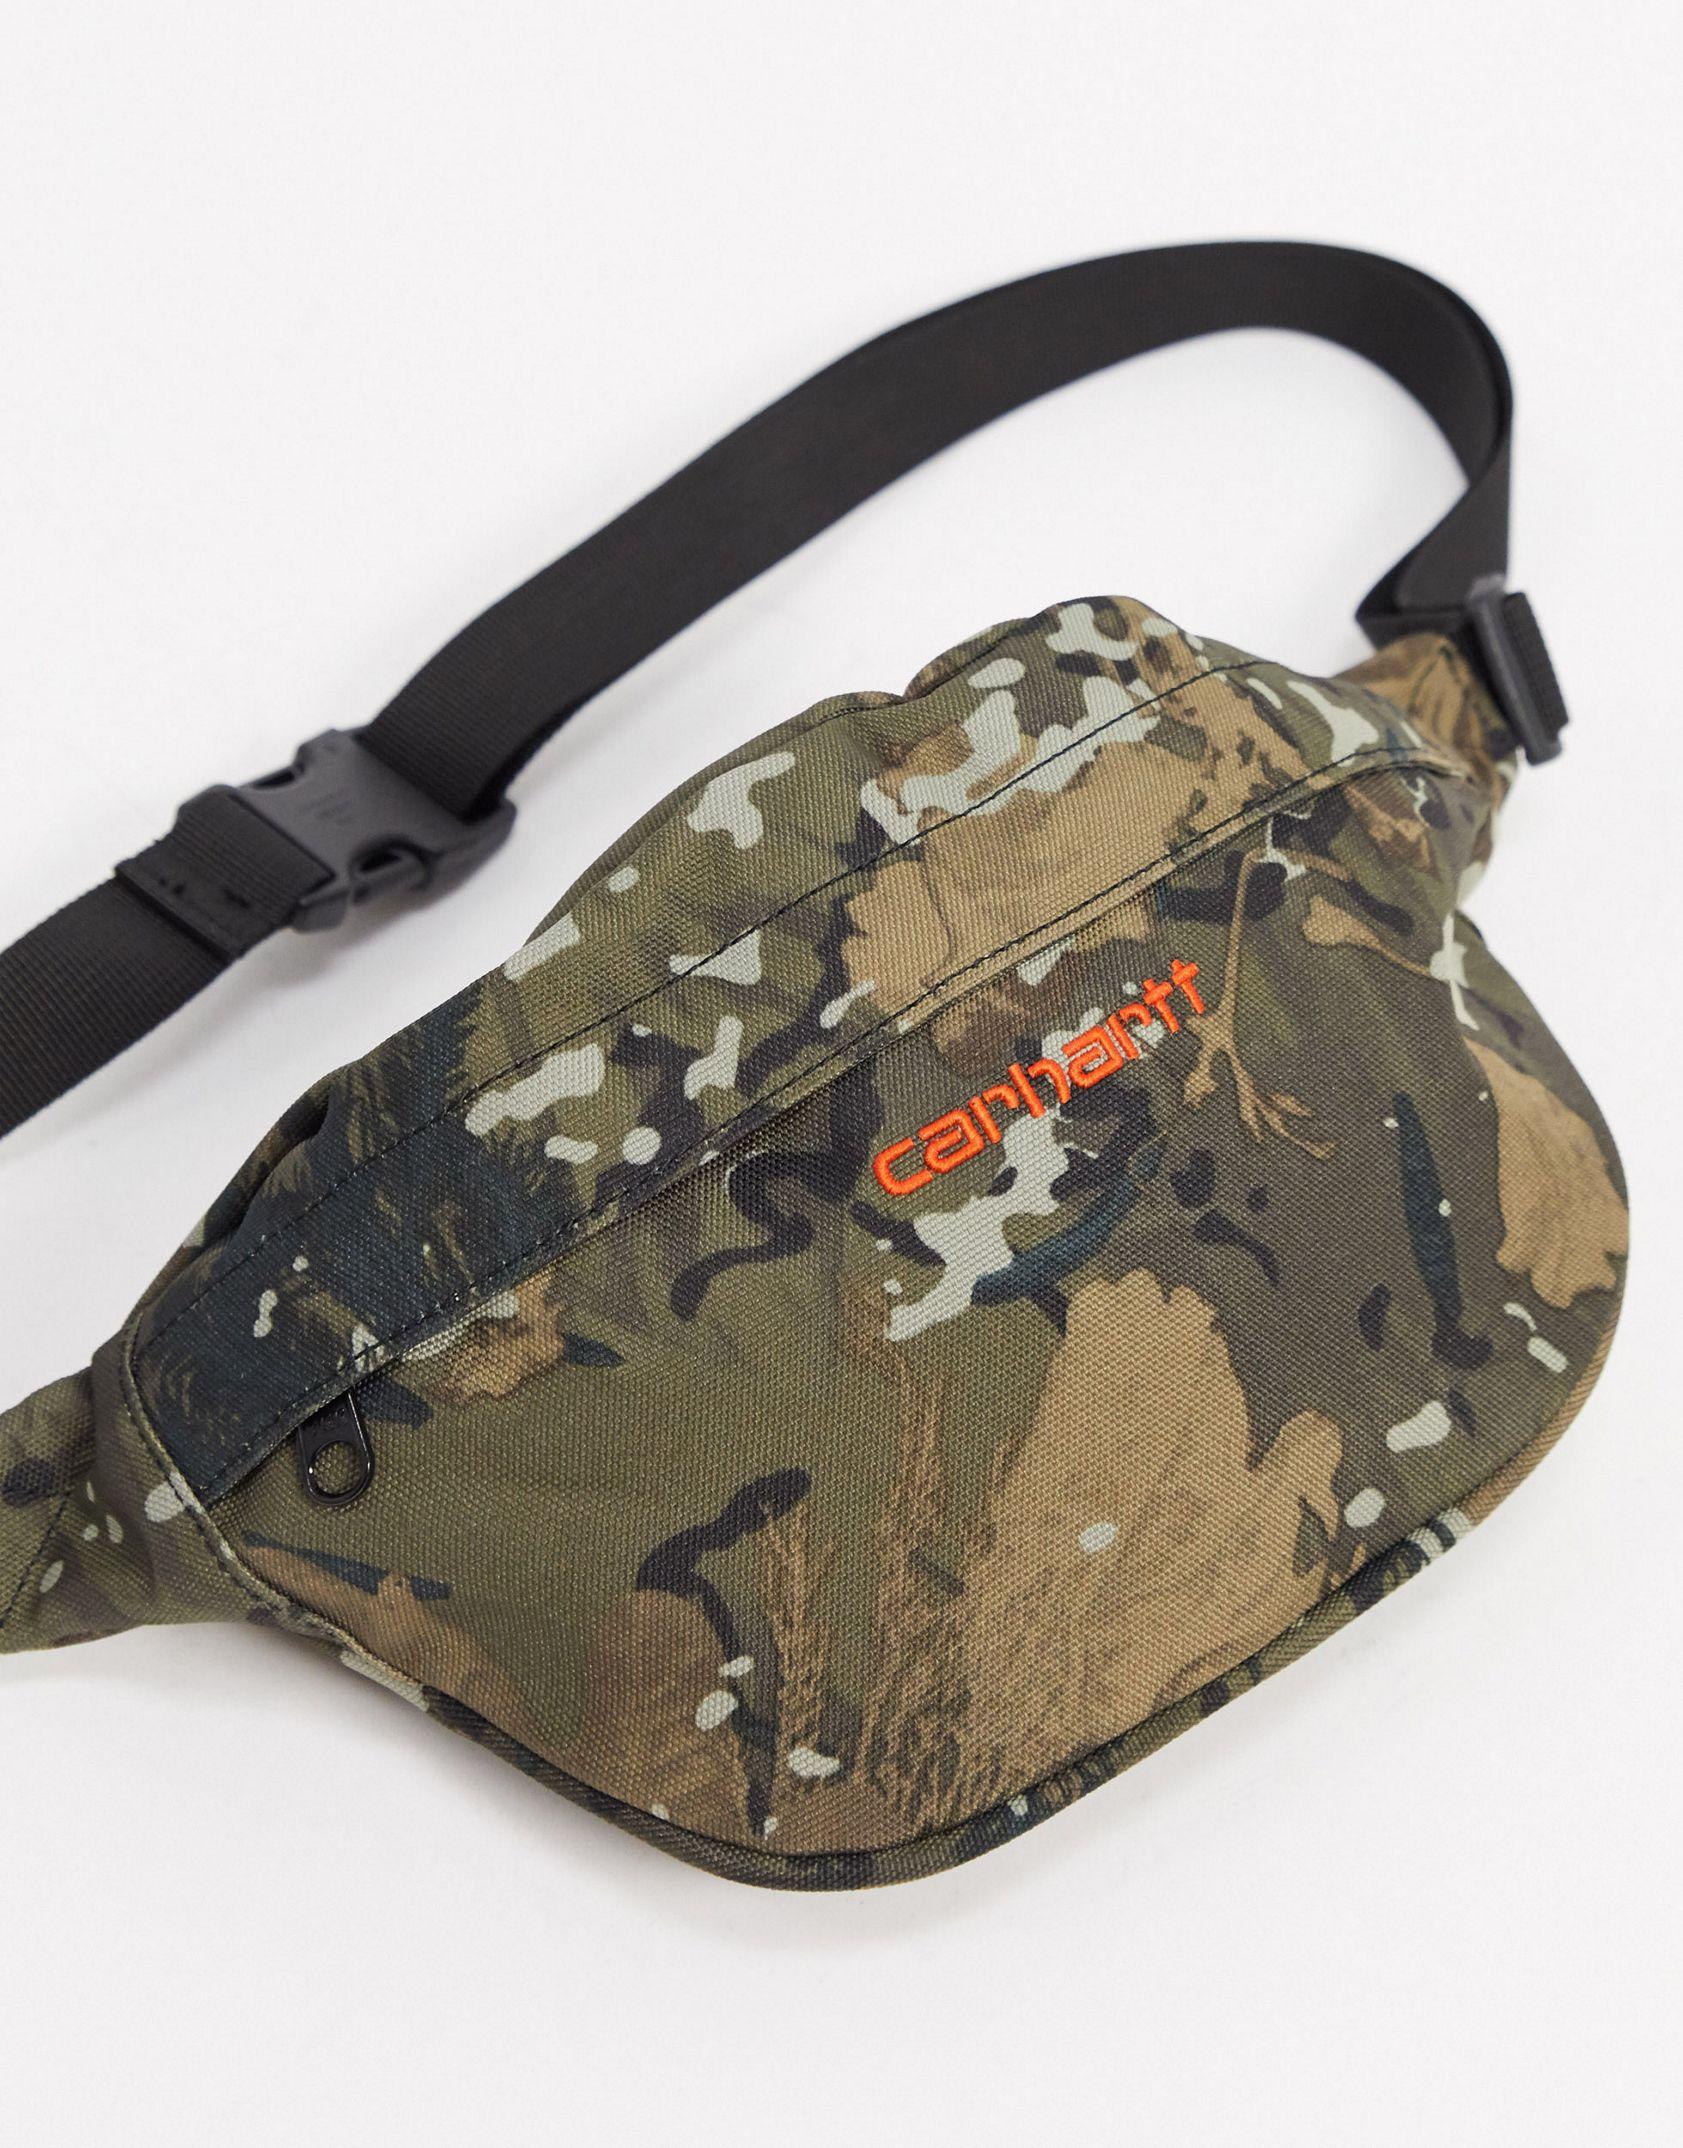 Carhartt WIP Payton hip bag in camo - ASOS Price Checker